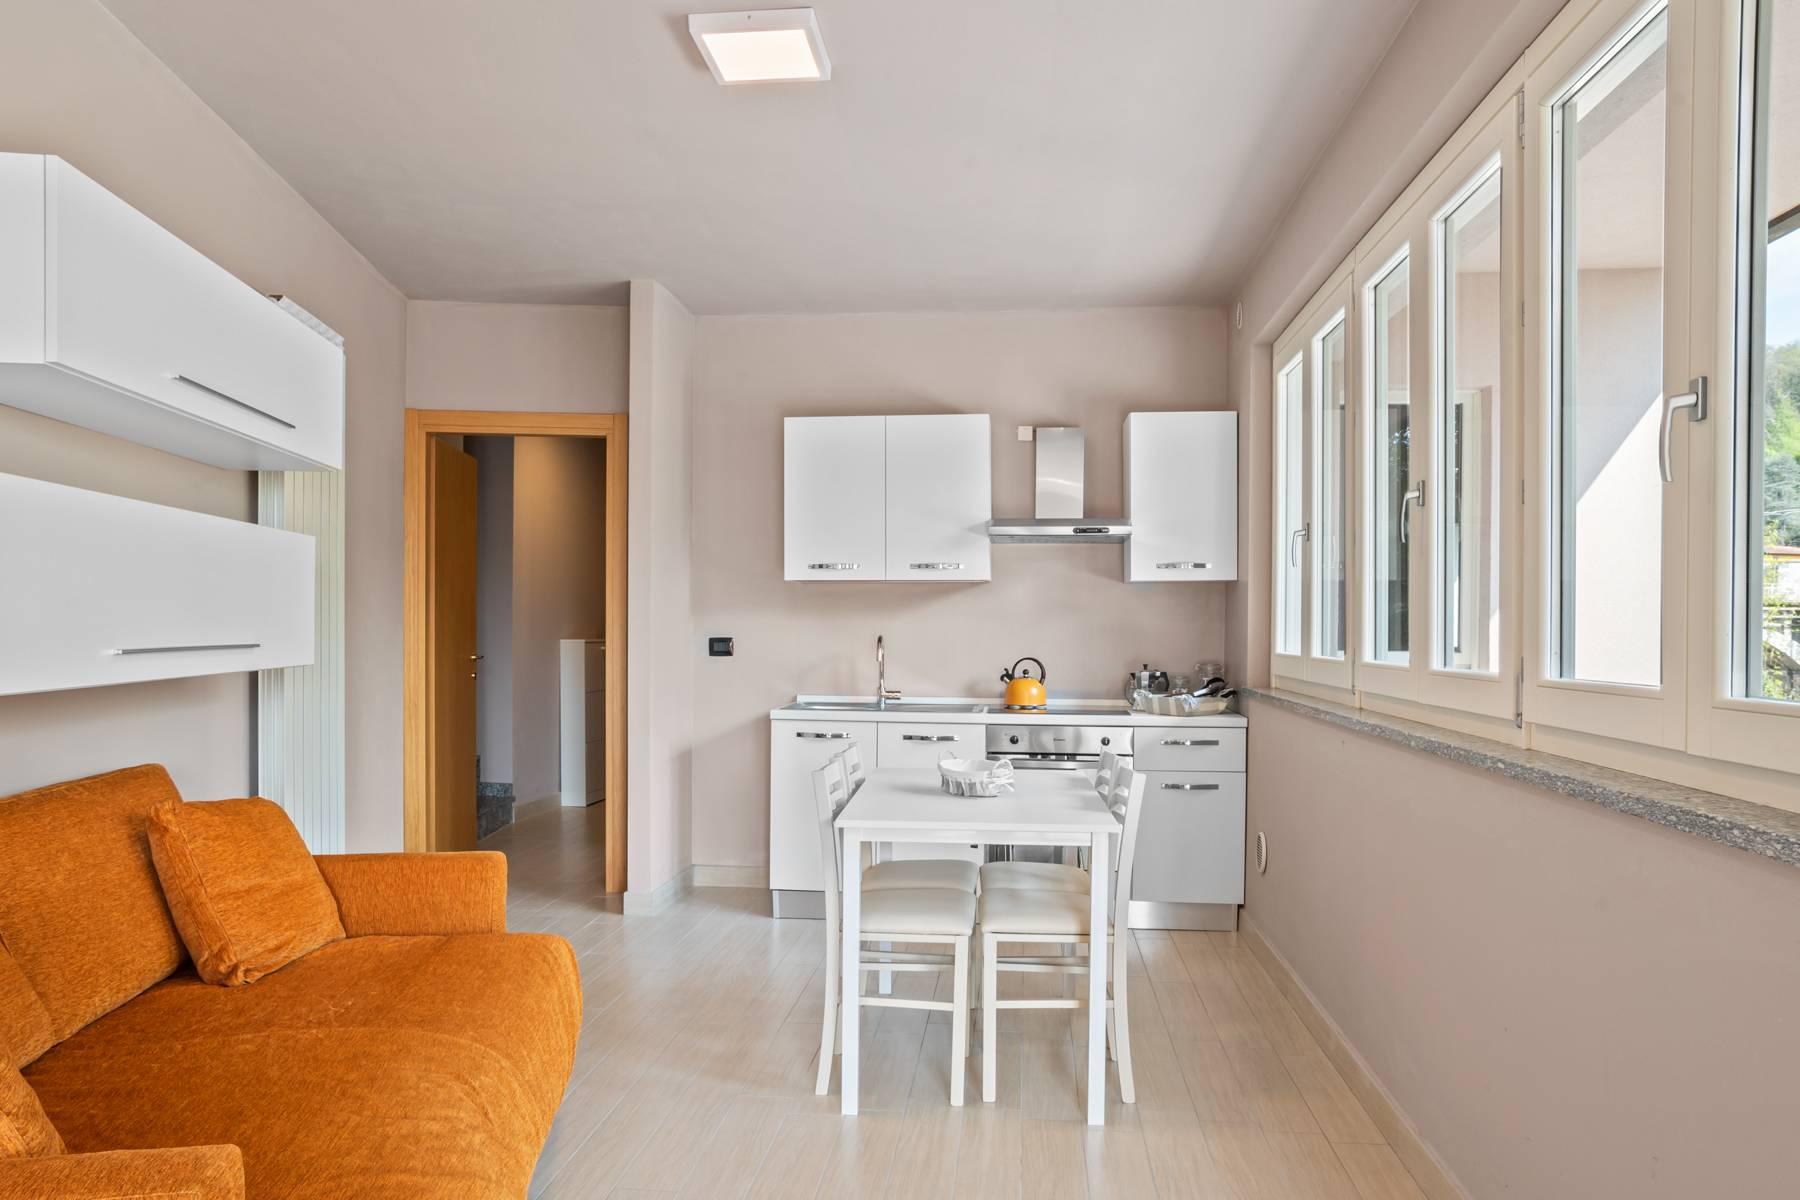 Appartamento in Vendita a Castelveccana: 3 locali, 108 mq - Foto 4